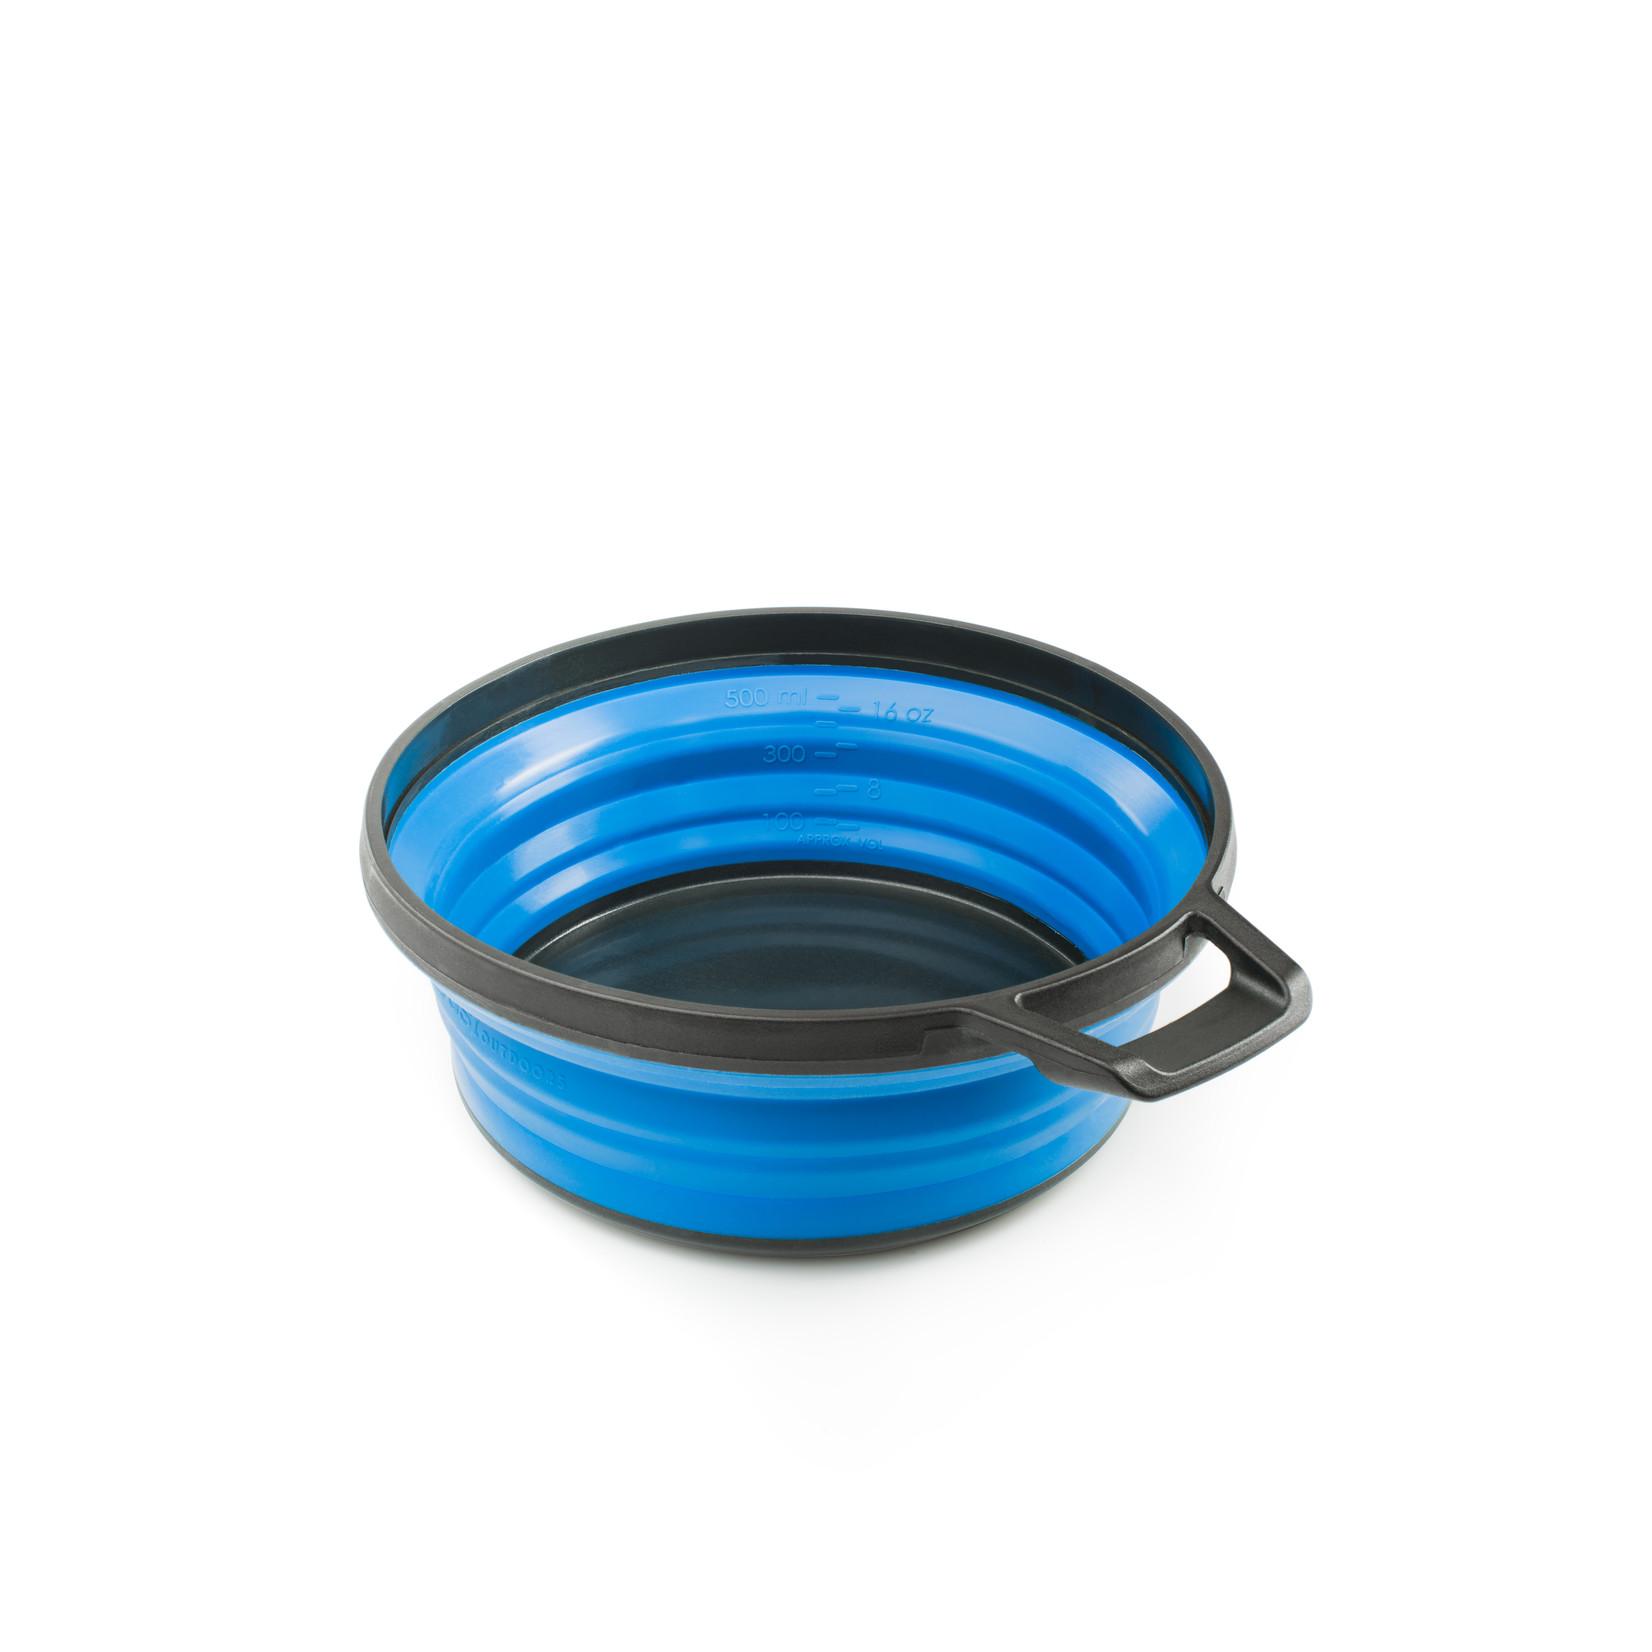 GSI Escape Bowl